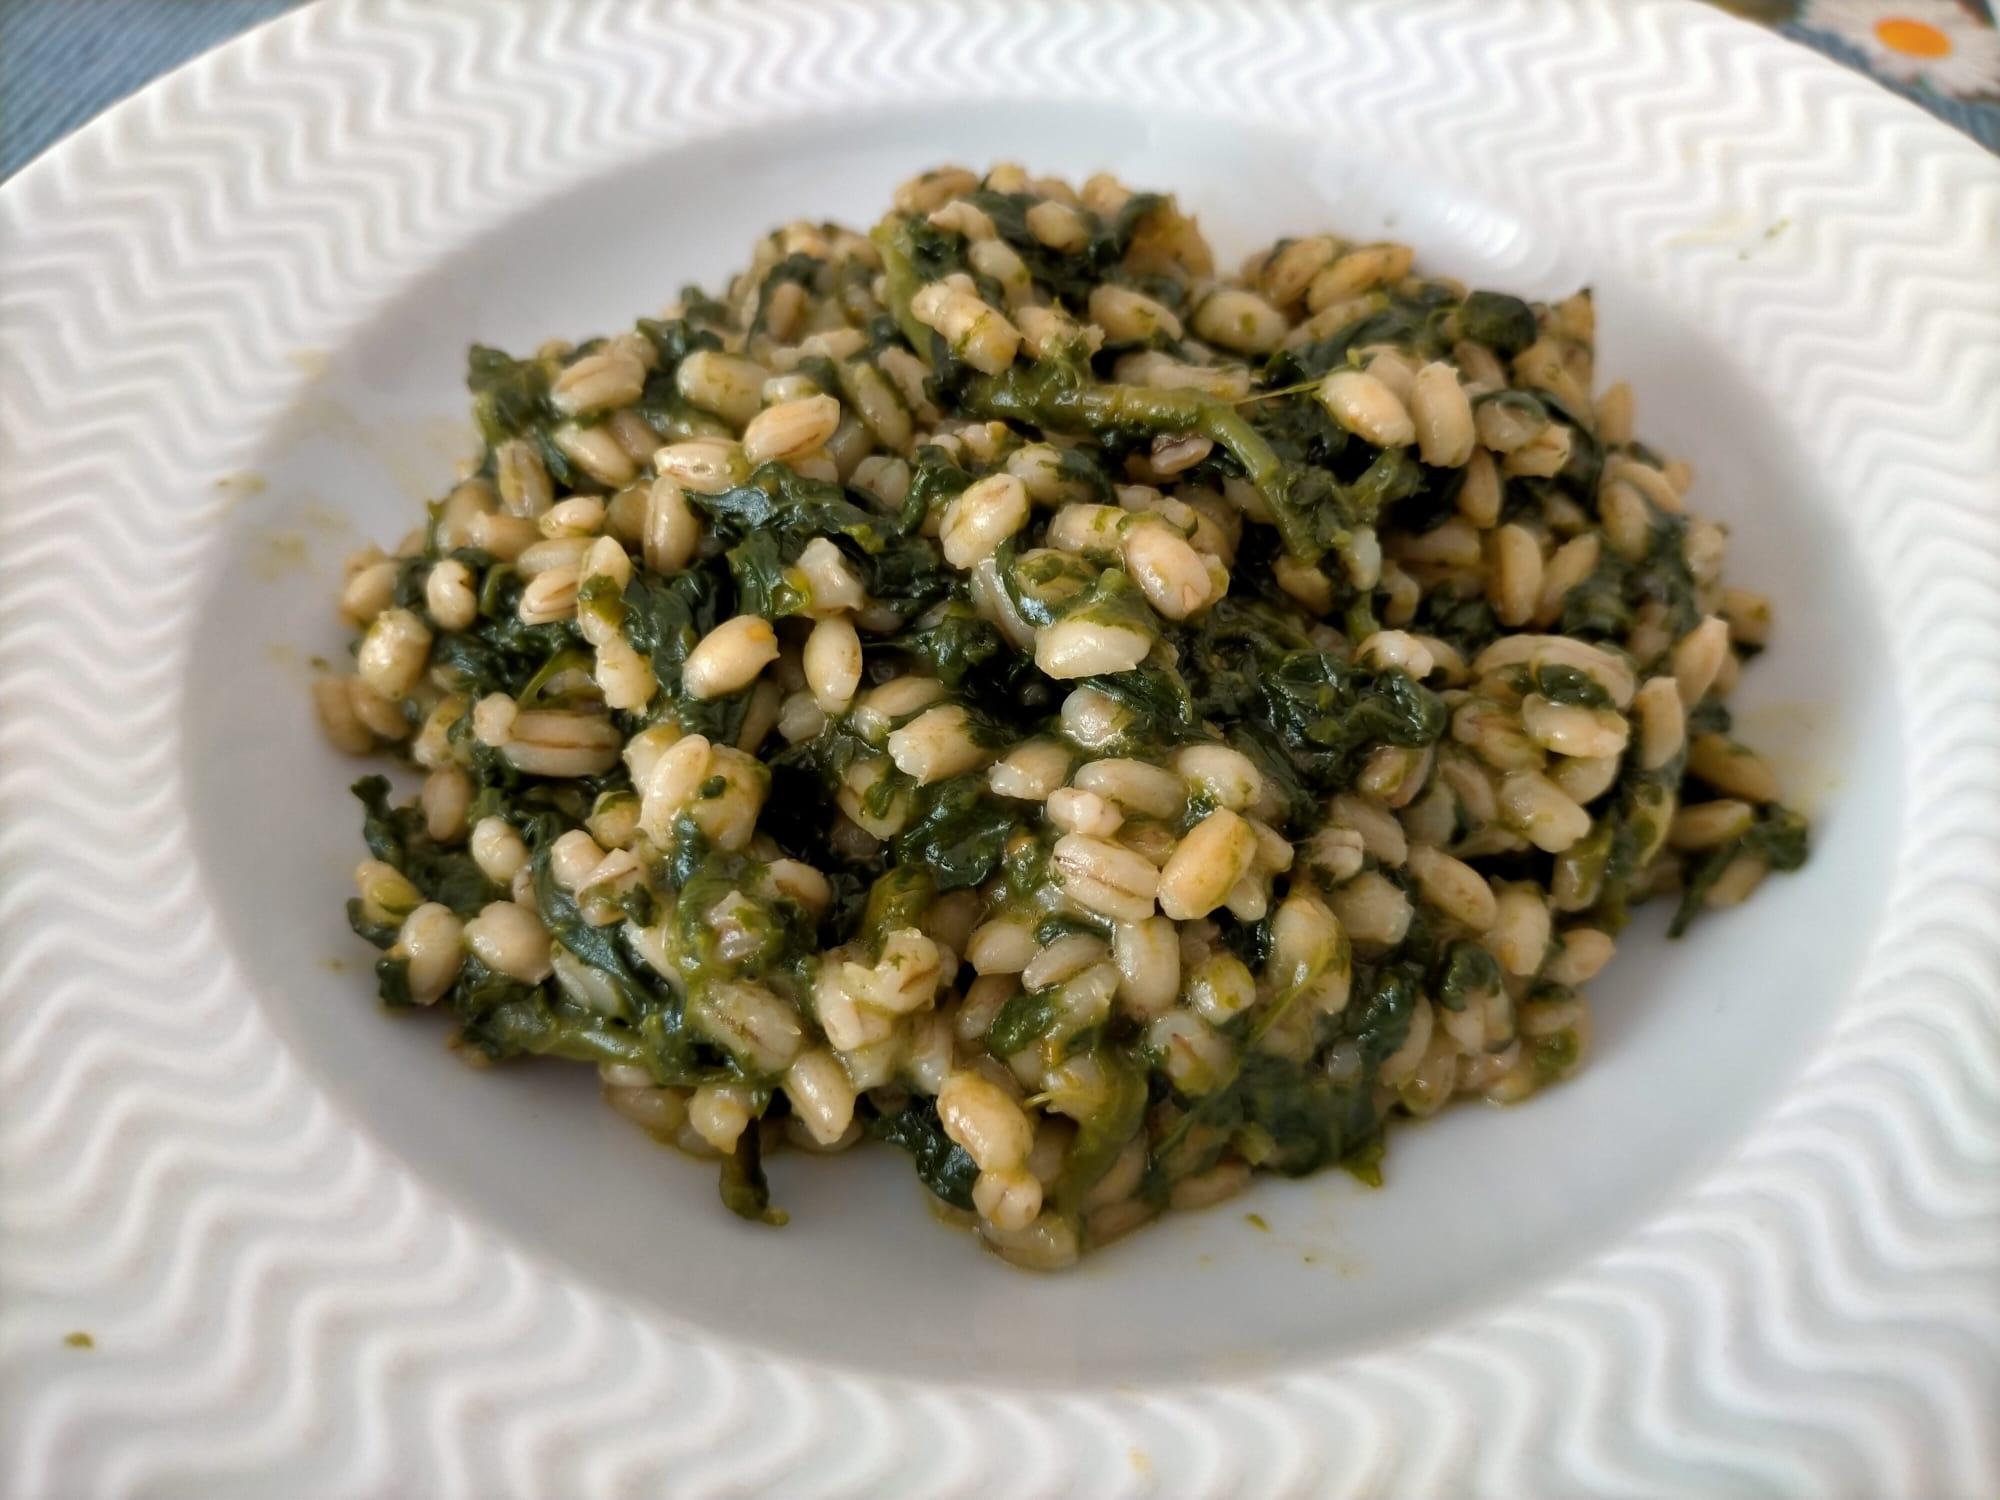 orzo risottato agli spinaci